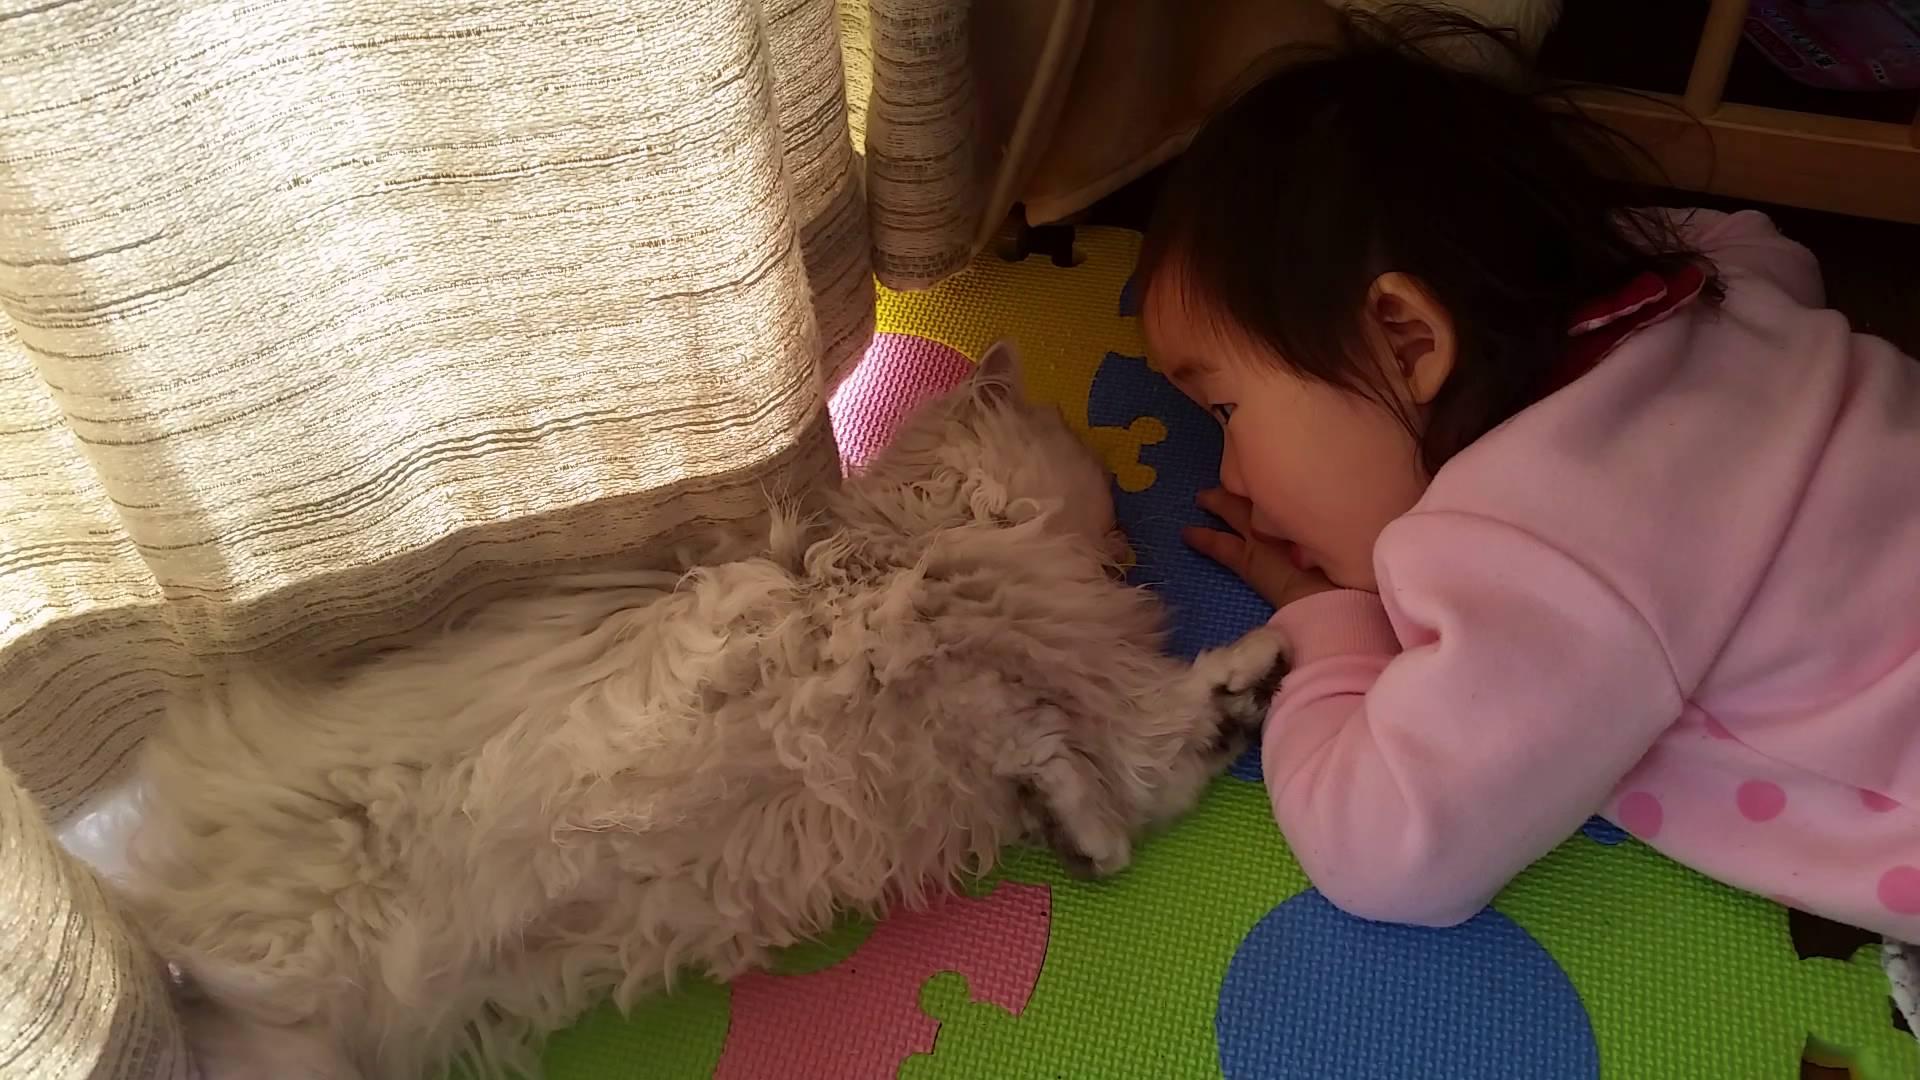 赤ちゃんとチンチラ猫の仲睦まじい姿♪